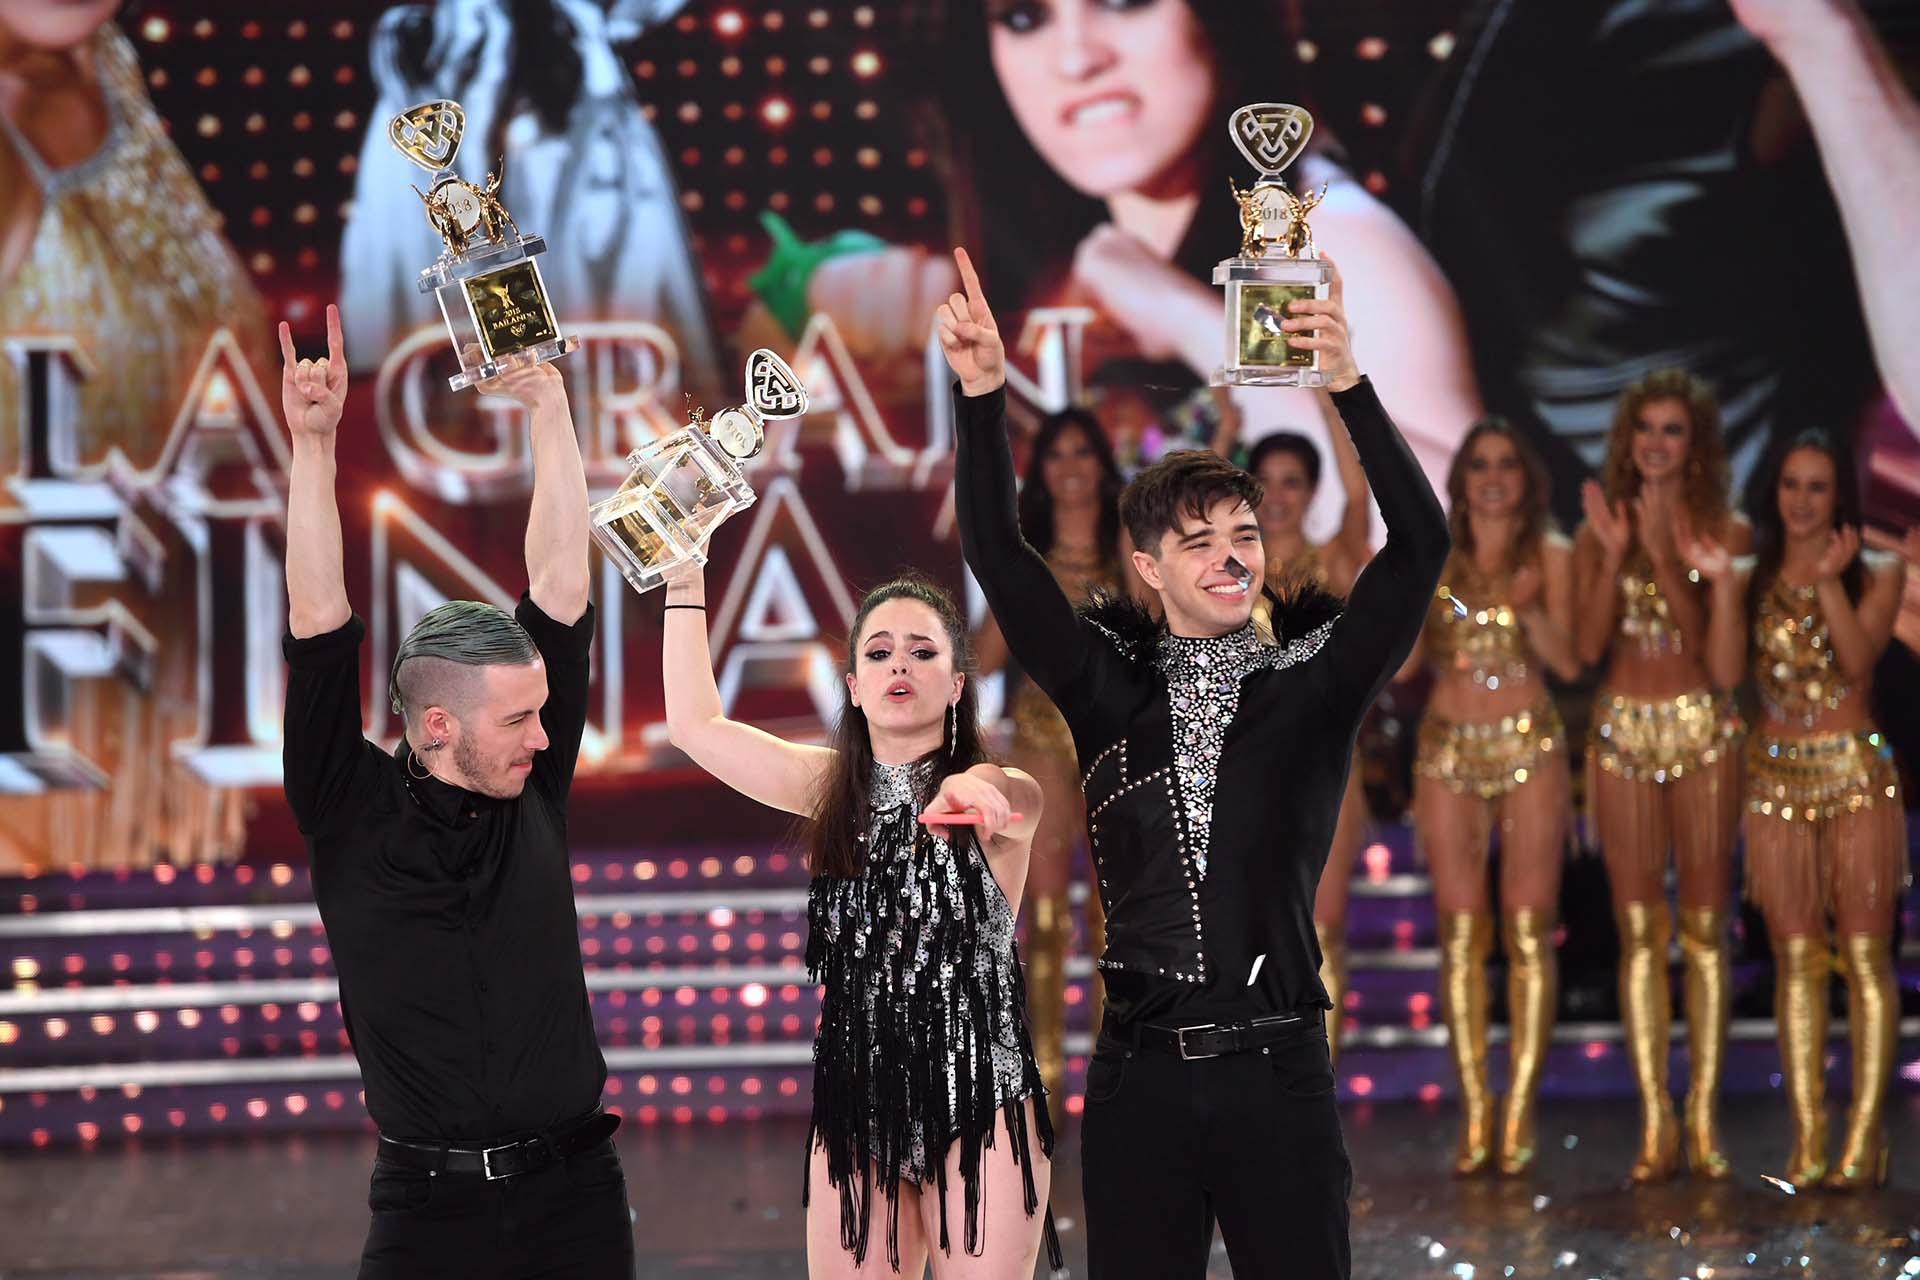 Los ganadores levantan la copa (Crédito: Laflia)